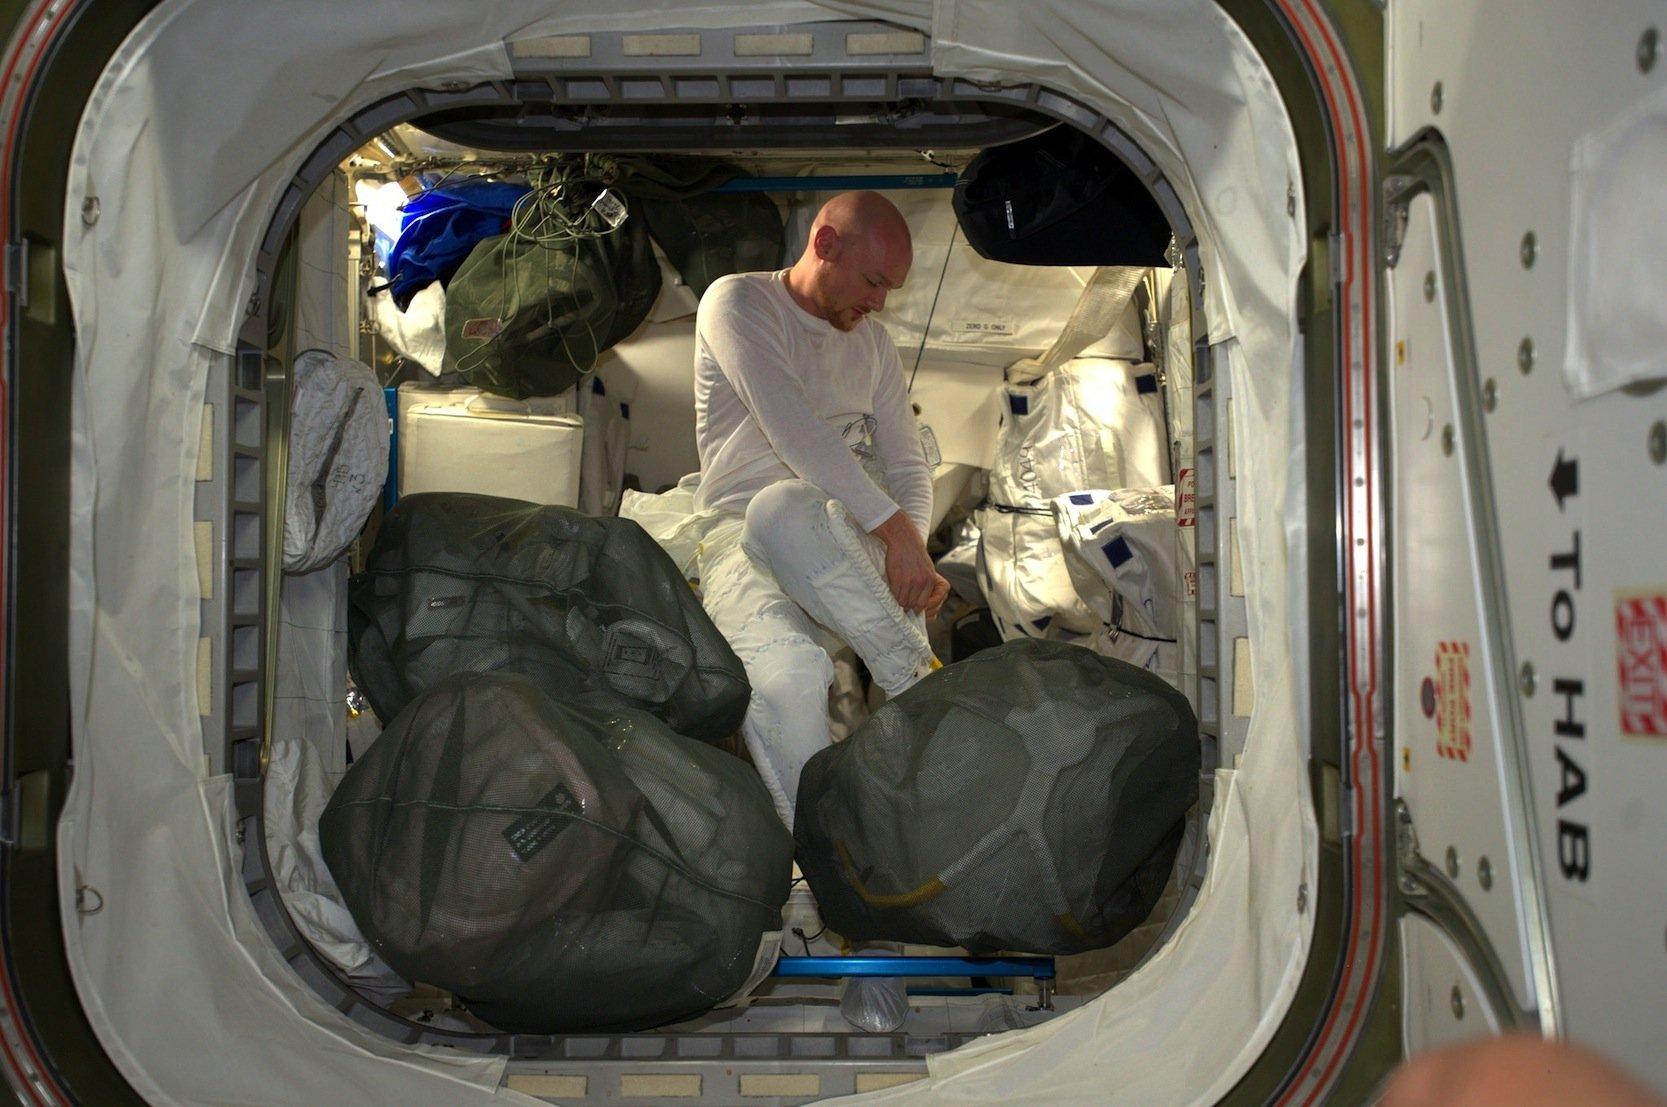 Alexander Gerst 2014 in Unterwäsche, als er sich auf seinen Spacewalk vorbereitete.